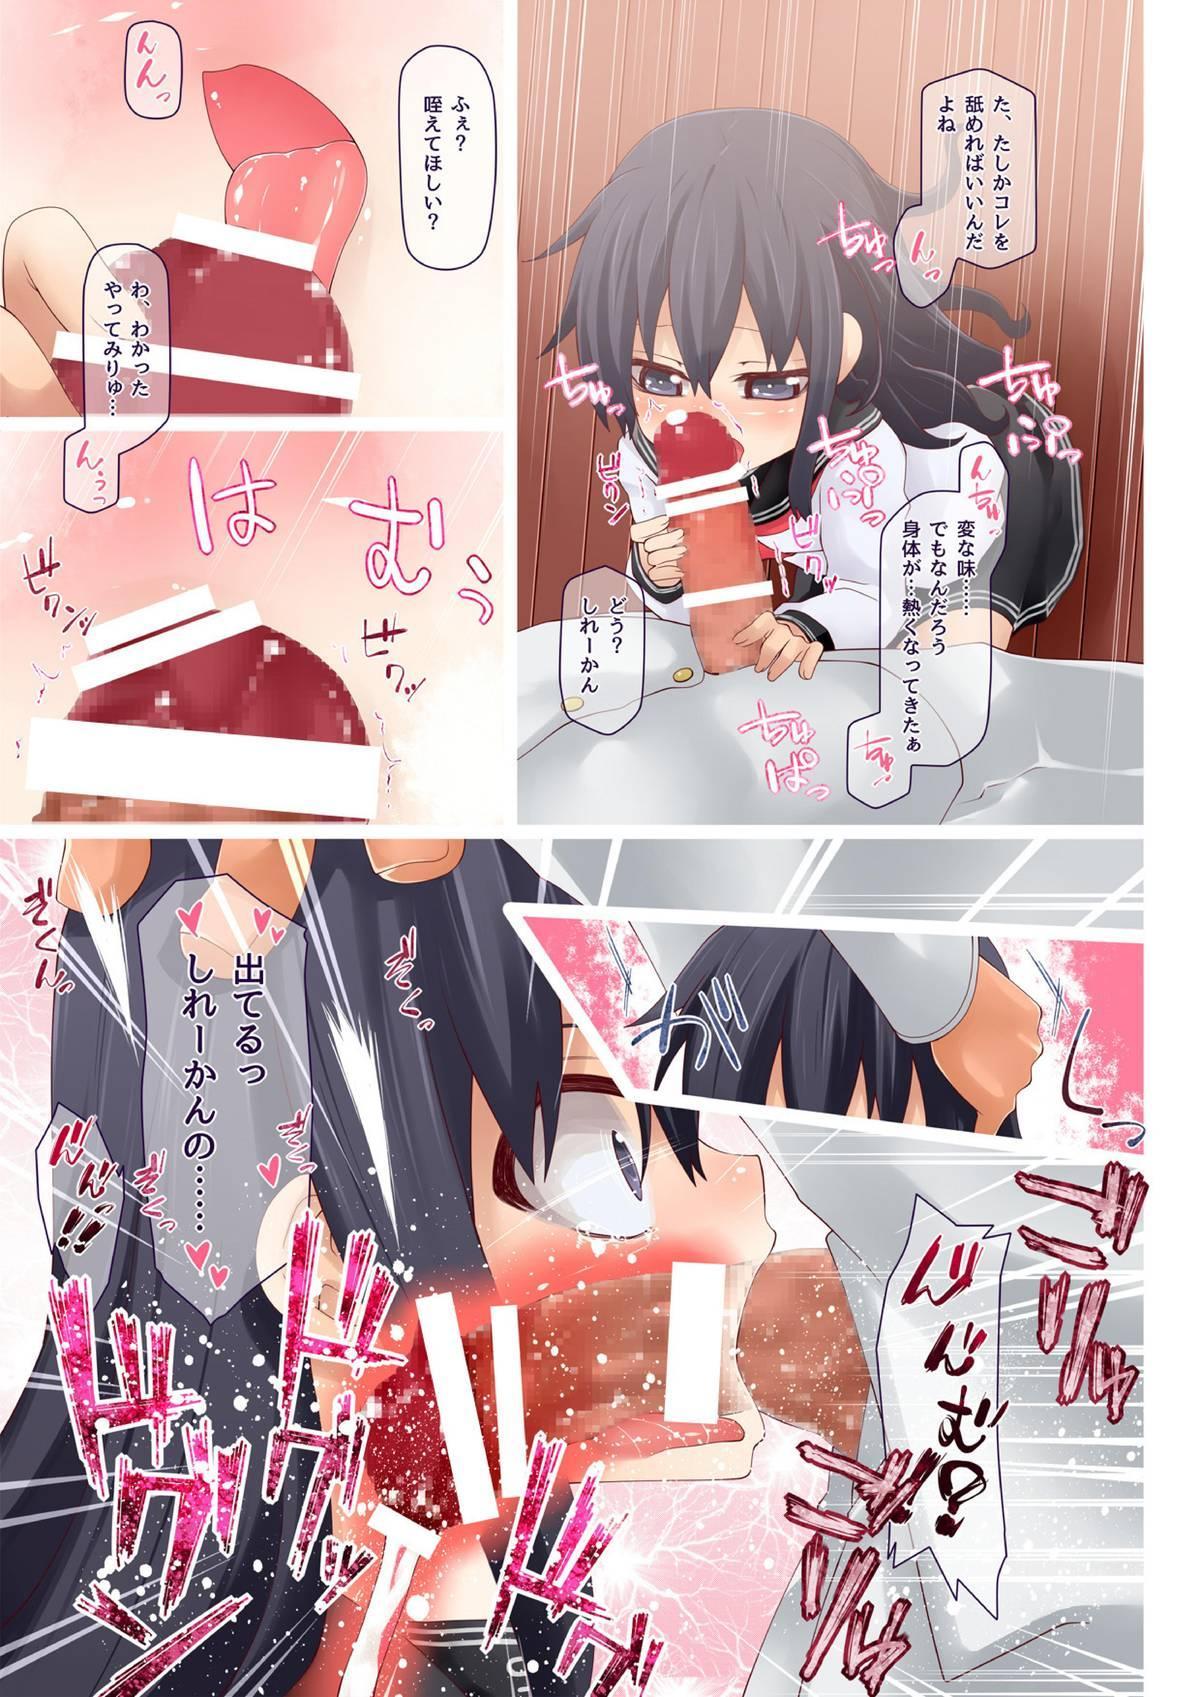 Toaru Chinjufu no Seikatsu HibiAka 2